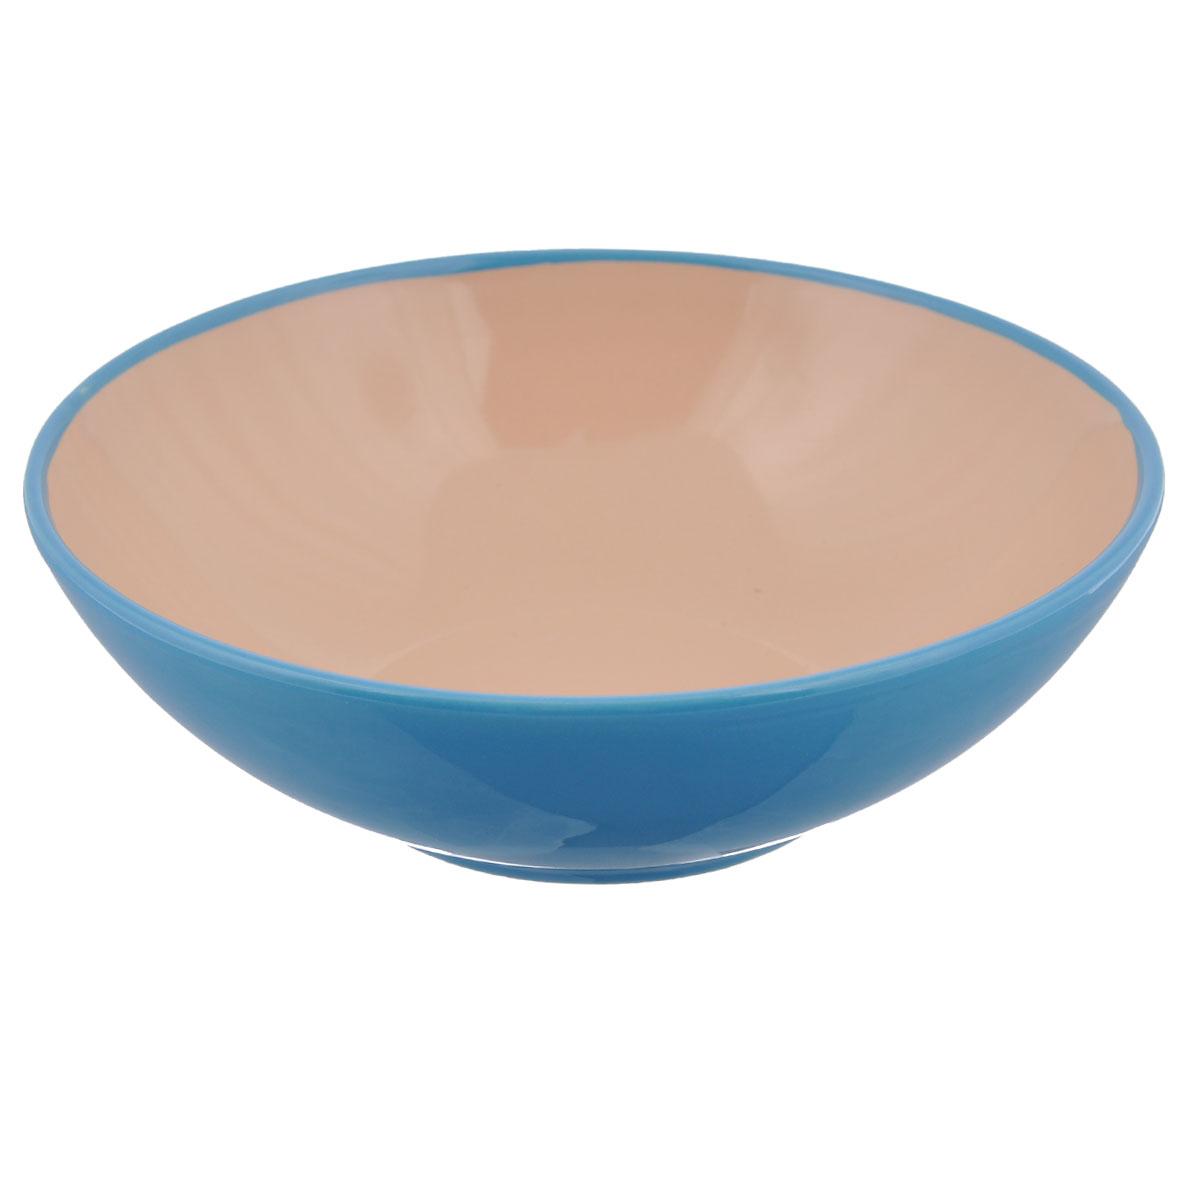 Салатник Shenzhen Xin Tianli, цвет: бирюзовый, 580 млTLSDW-9Салатник Shenzhen Xin Tianli изготовлен из керамики, покрытой слоем сверкающей глазури. Салатник прекрасно подходит для сервировки салатов, фруктов, ягод и других продуктов. Яркий дизайн стильно украсит стол. Идеальный вариант для ежедневного использования. Объем: 580 мл. Диаметр салатника (по верхнему краю): 18 см. Высота стенки салатника: 6 см.